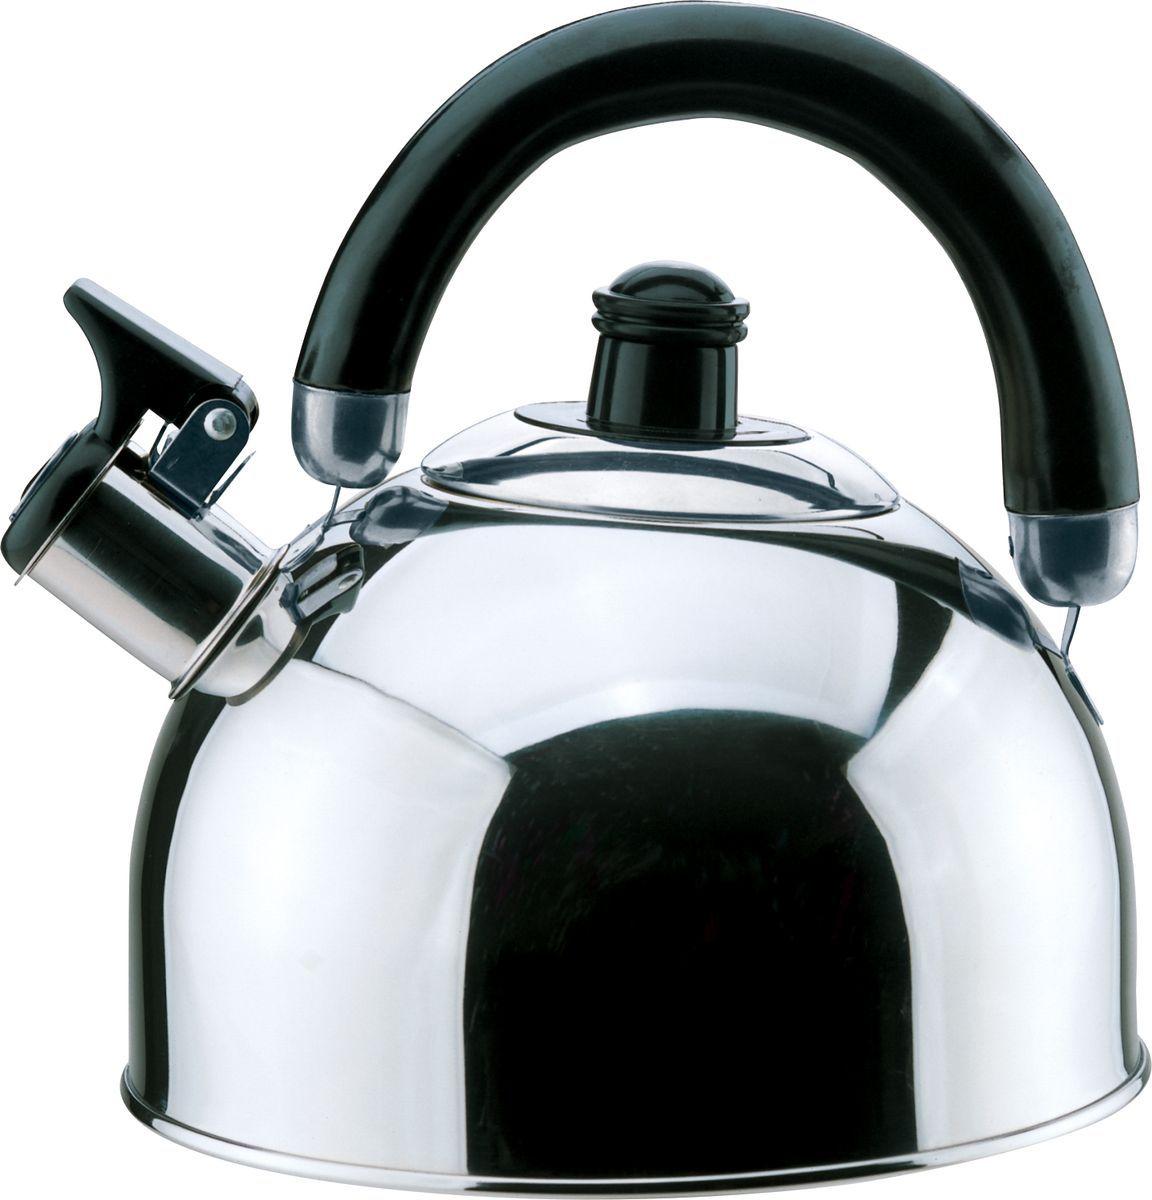 Чайник Bekker, 2,5 л. BK-S341MBK-S341M(12)2,5л, со свистком, ручка пластм. подвижная черного цвета, крышка из нержав. стали, капсулир. дно, поверхность зерк. Состав: нержав. сталь.